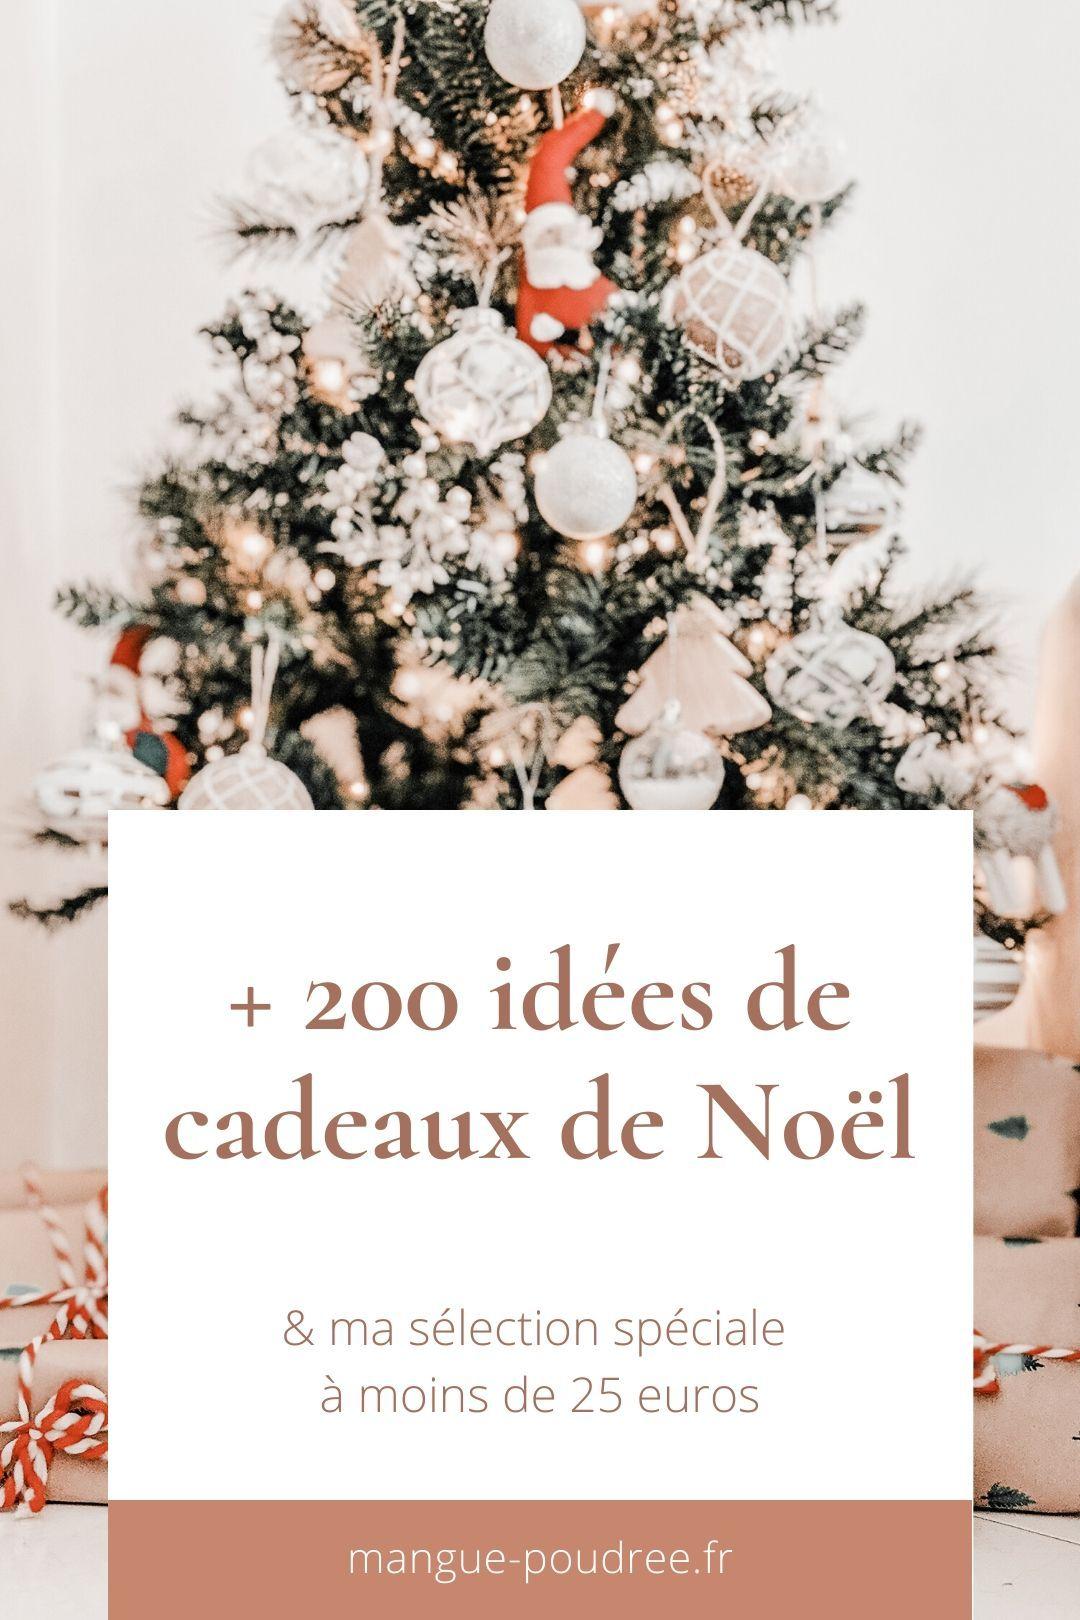 Mes idées de cadeaux de Noël + ma sélection à moins de 25 euros